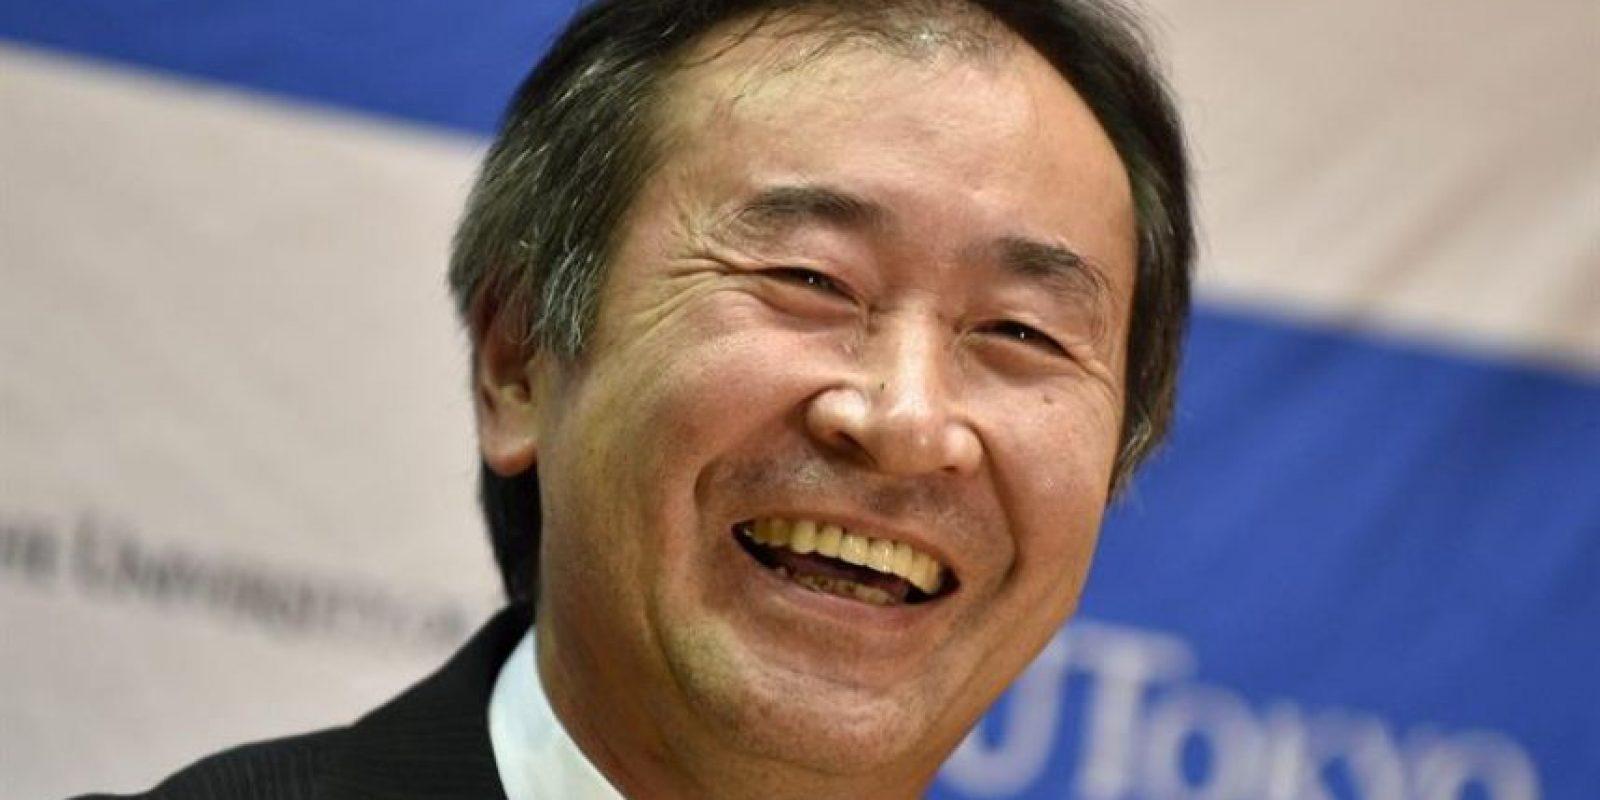 El físico japonés Takaai Kajita, de la Universidad de Tokio, da una rueda de prensa tras conocer que ha ganado el Premio Nobel de Física 2015 en Tokio (Japón) Foto:EFE